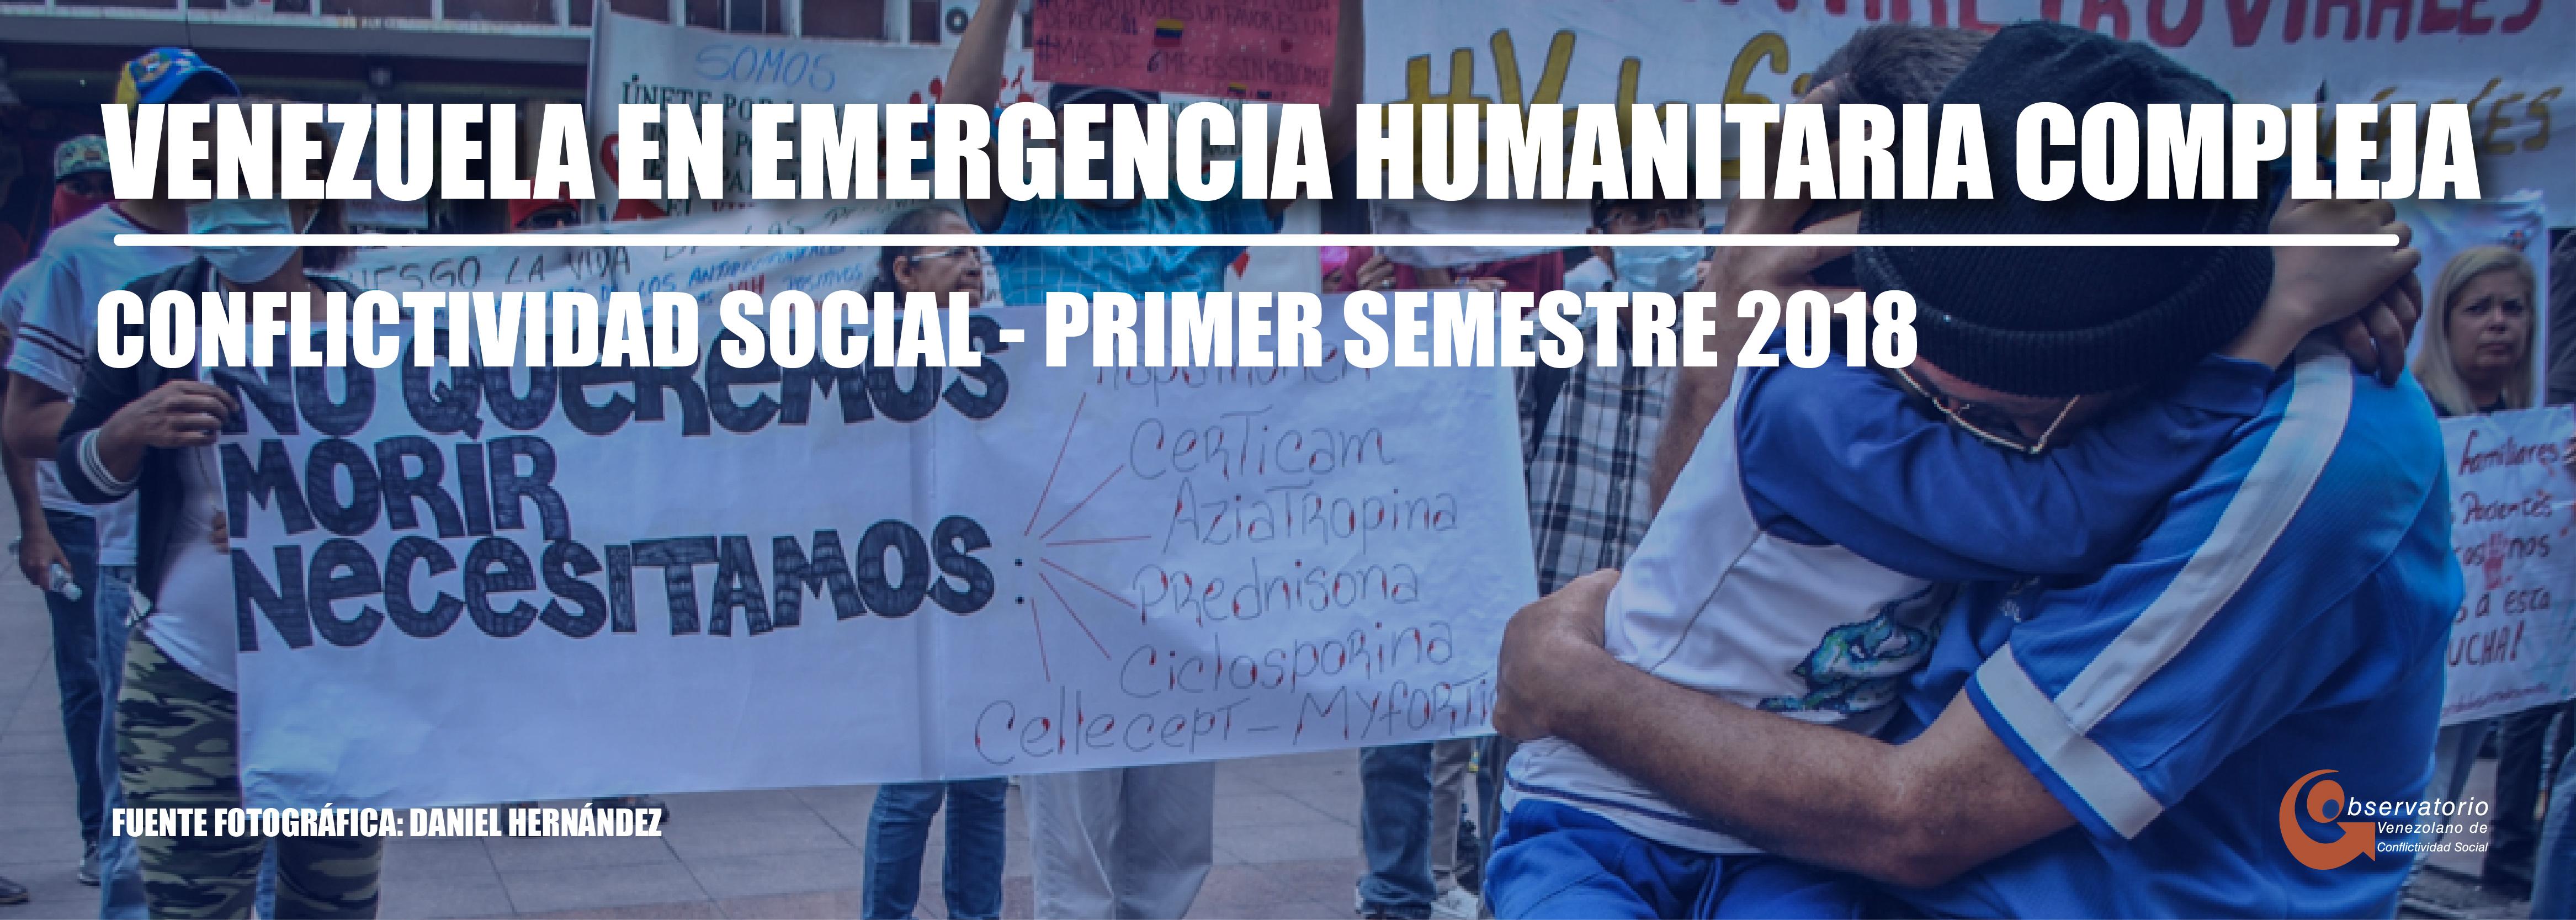 Conflictividad social en Venezuela primer semestre de 2018